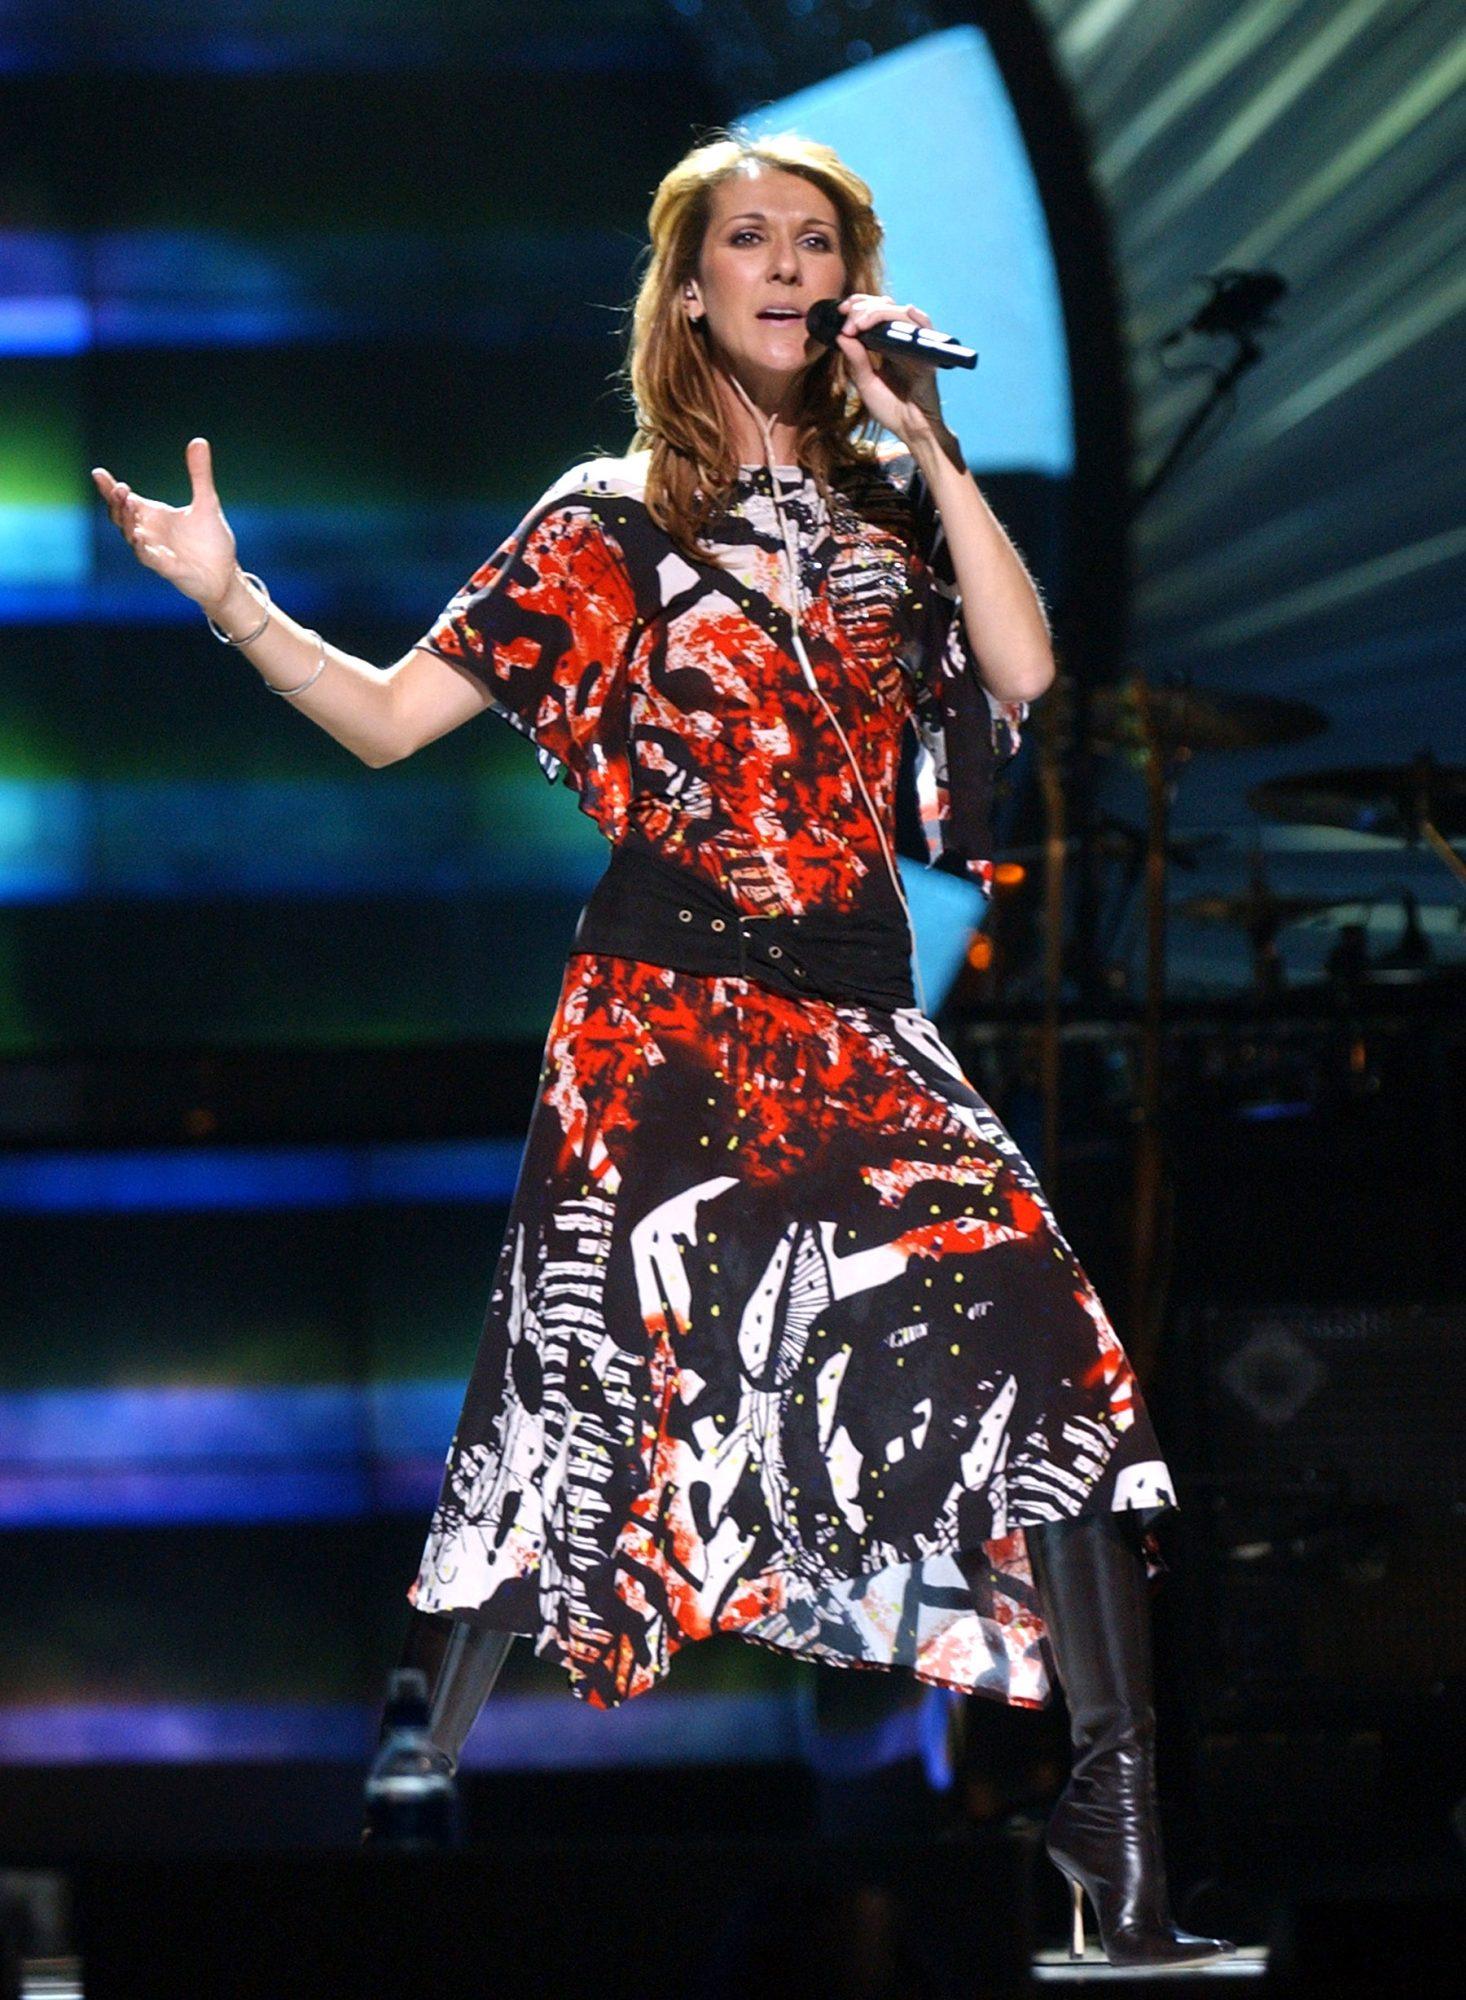 Celine Dion VH1 Divas rehearsal